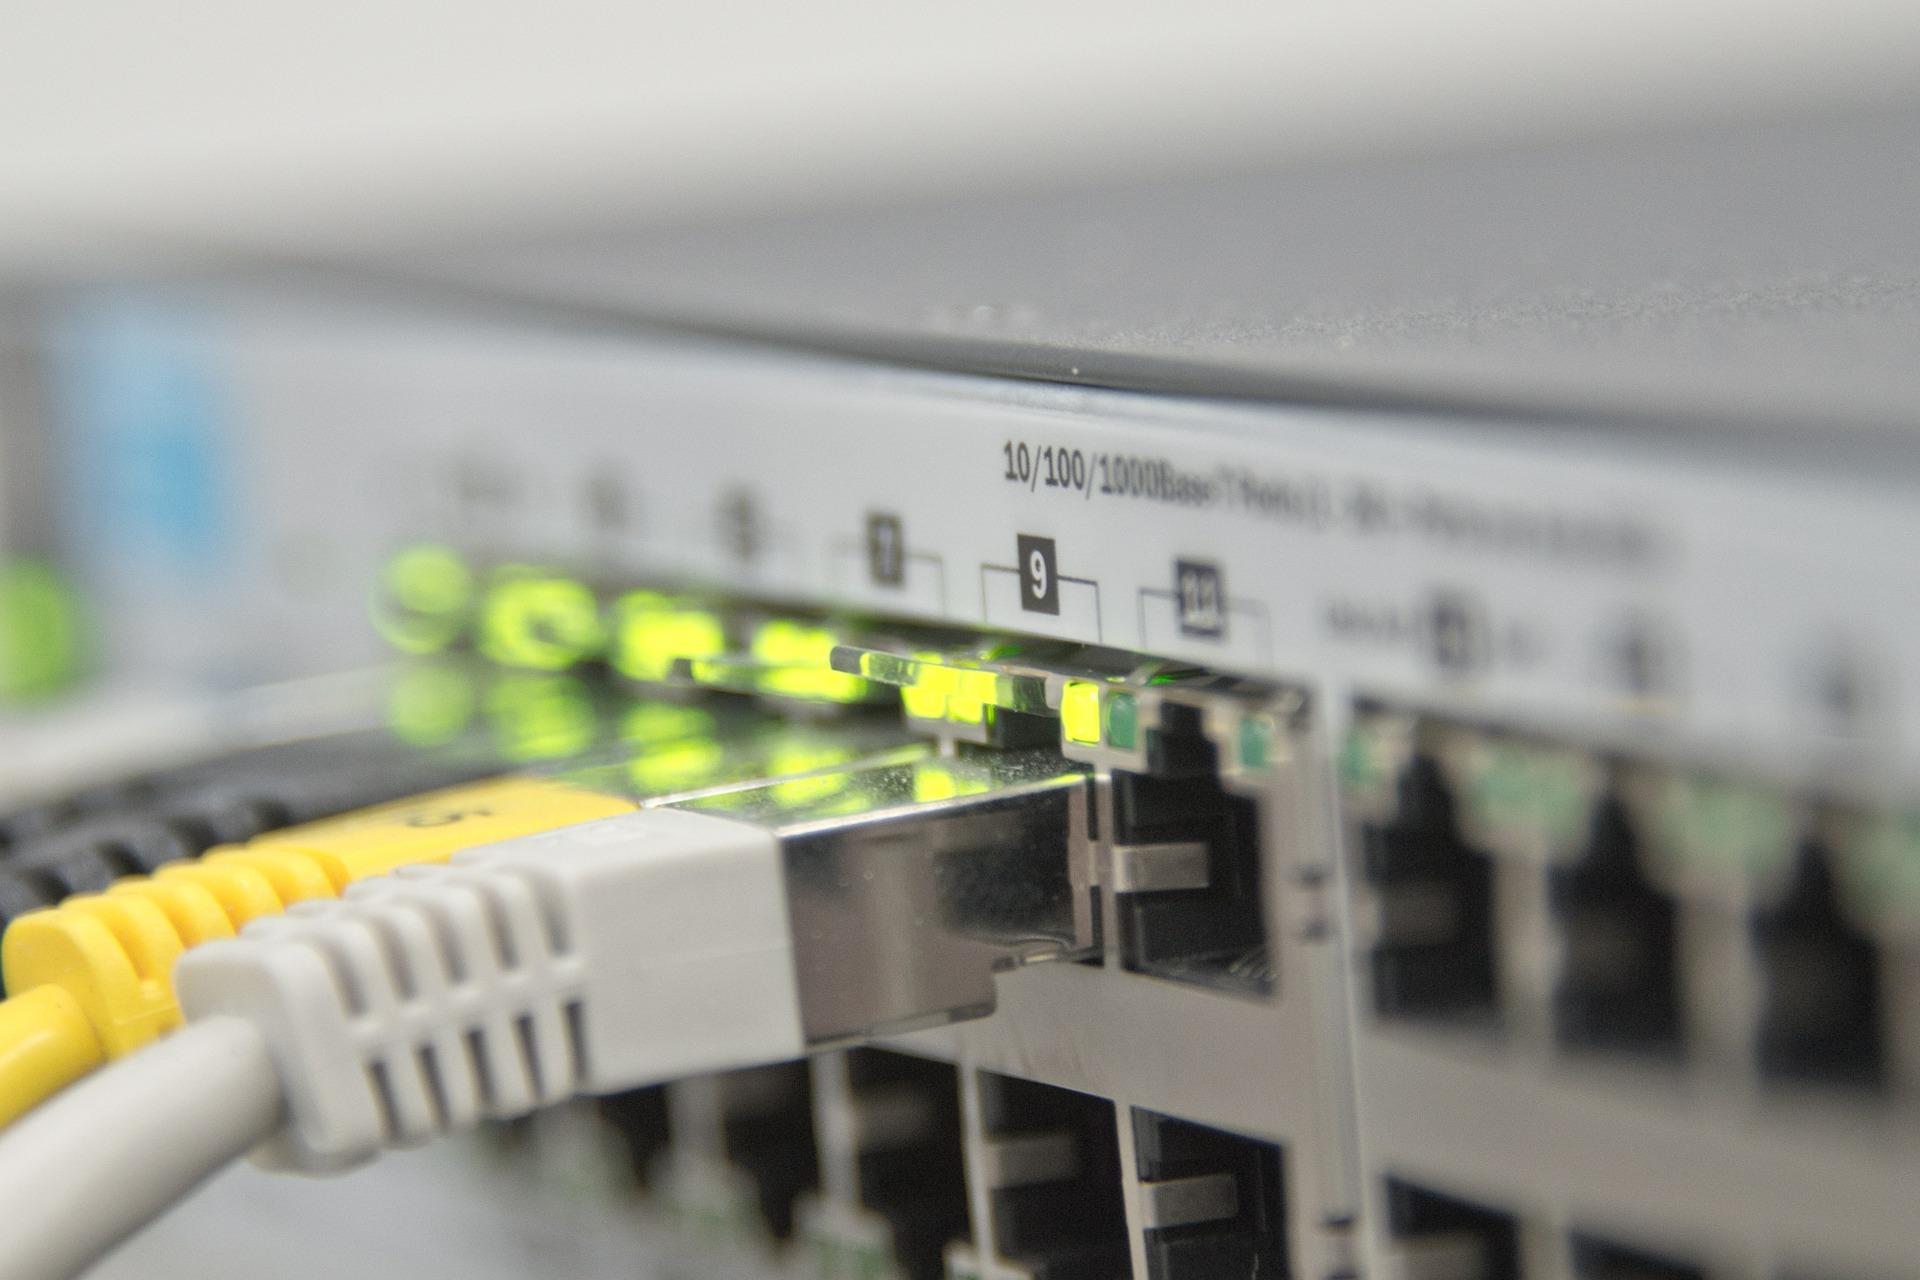 KABITEC-IT Netzwerk